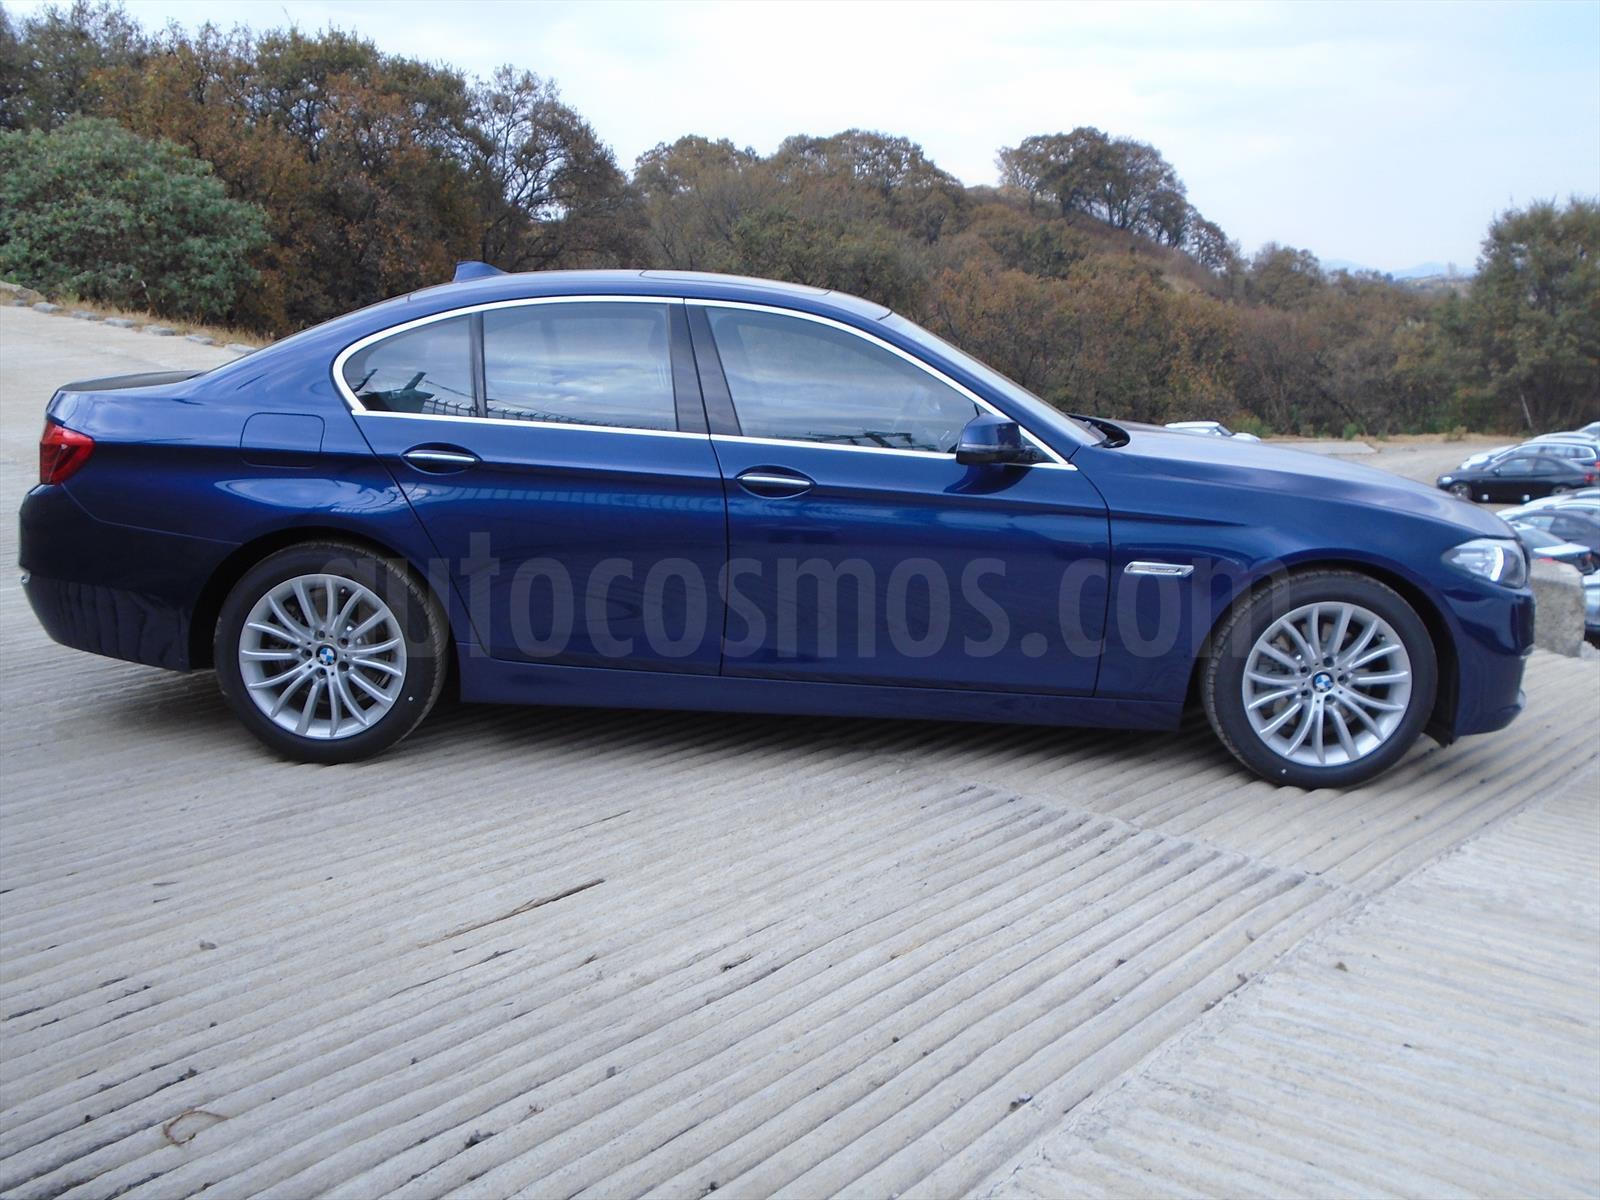 Venta Autos Usado Estado De Mexico Bmw Serie 5 528ia Luxury Line